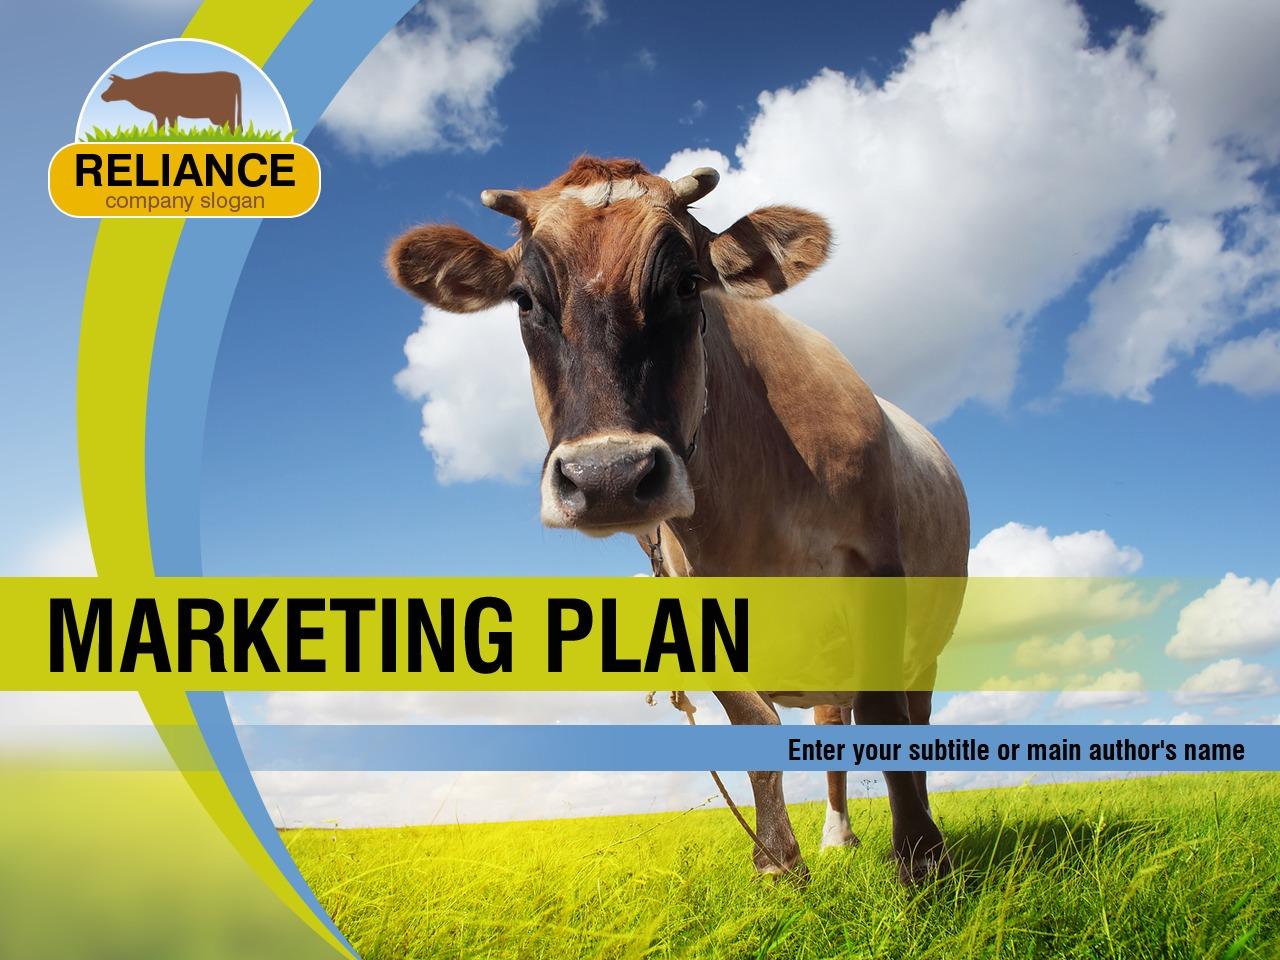 Szablon PowerPoint #36683 na temat: gospodarstwo hodowli bydła